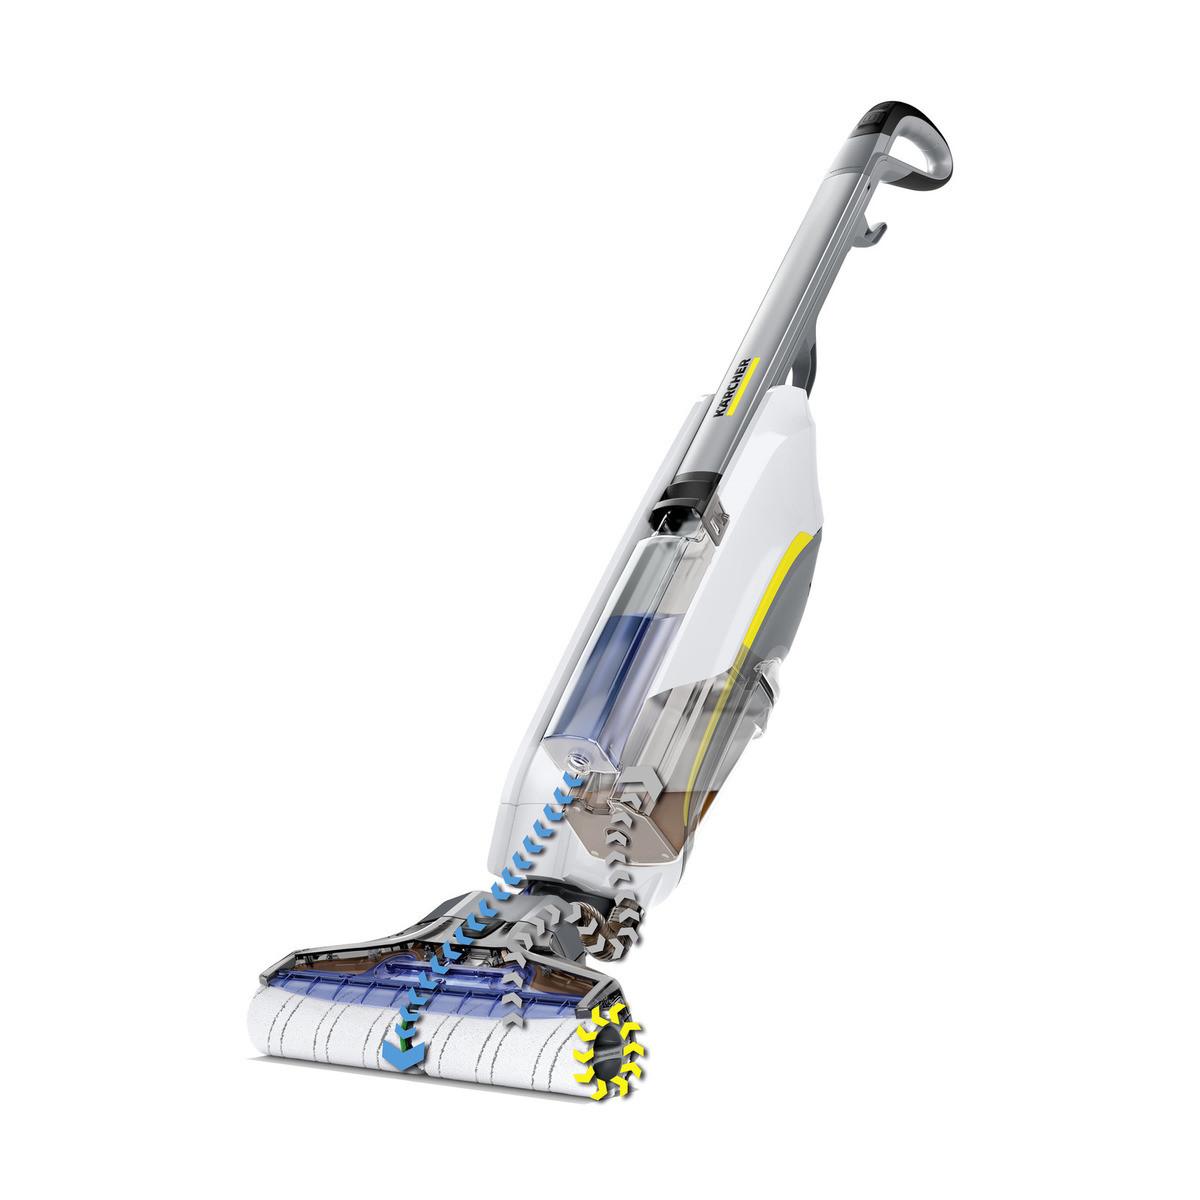 Апарат для вологого прибирання підлоги FC 5 PREMIUM (WHITE) KARCHER (Підлогомиюча машина для дому)